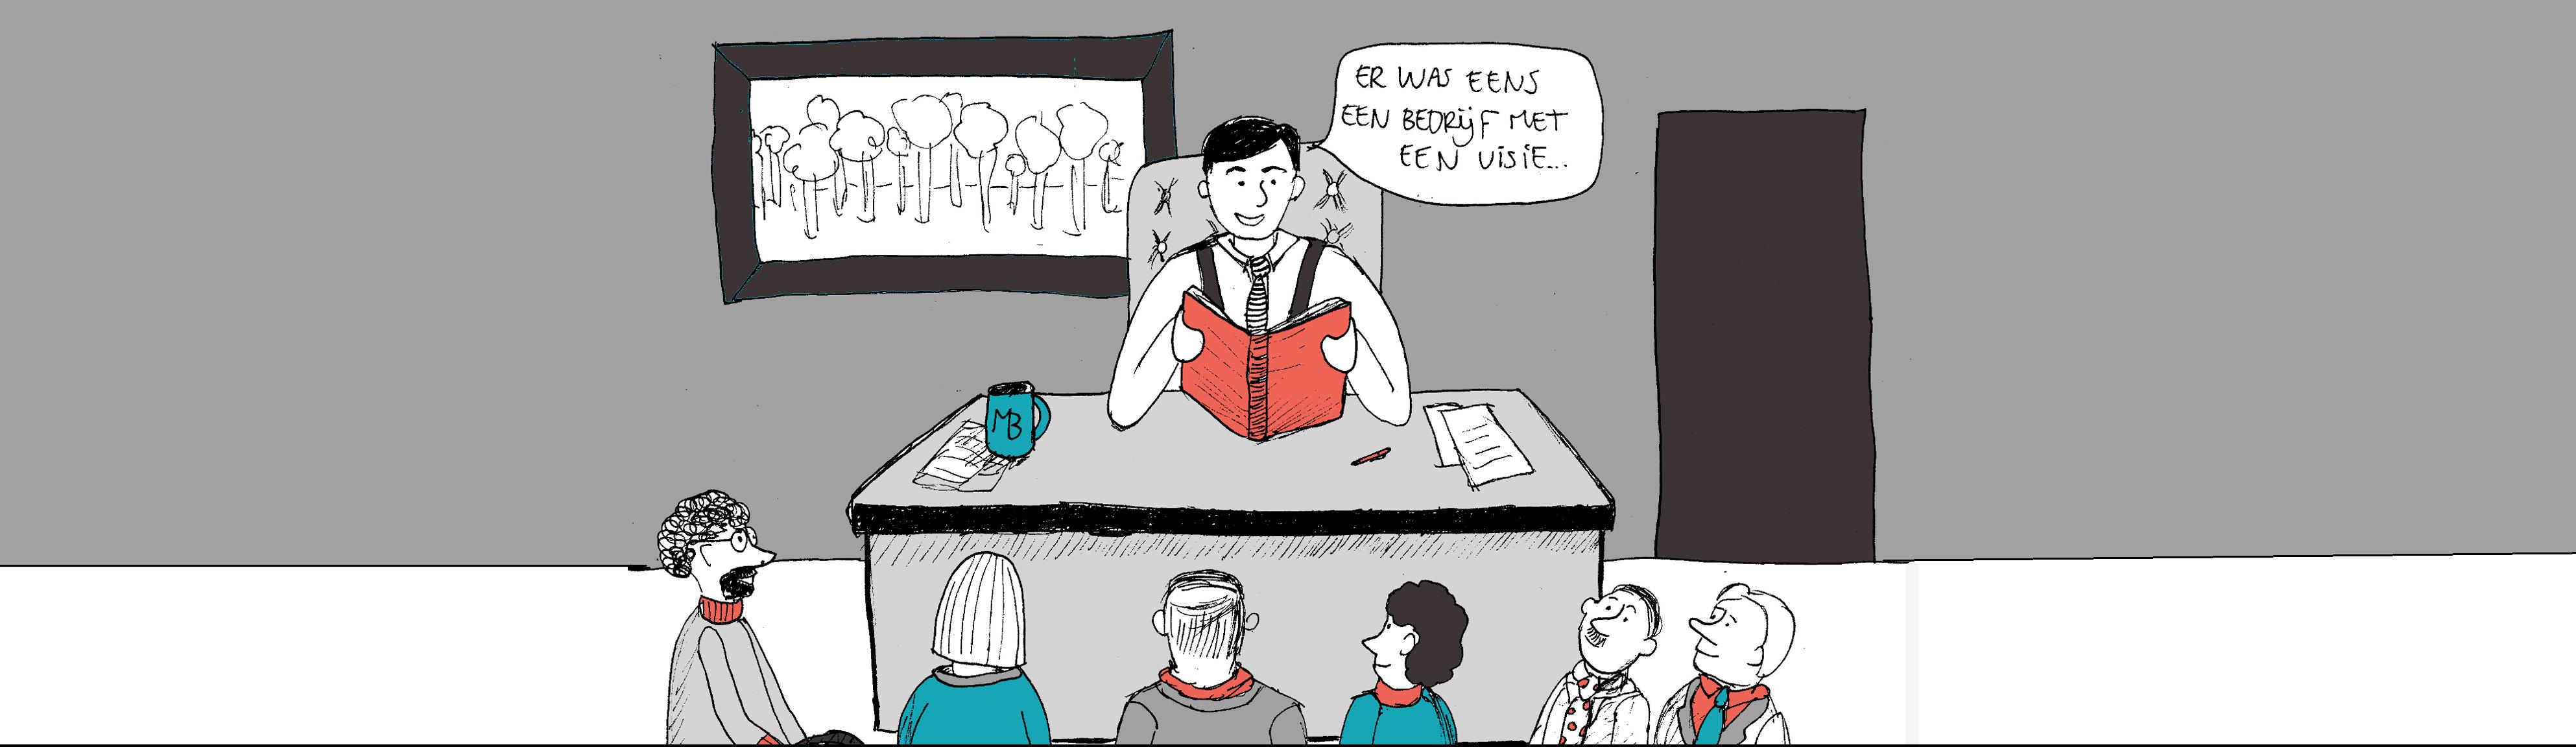 Teksten verhaal ondernemers voorlezen boek